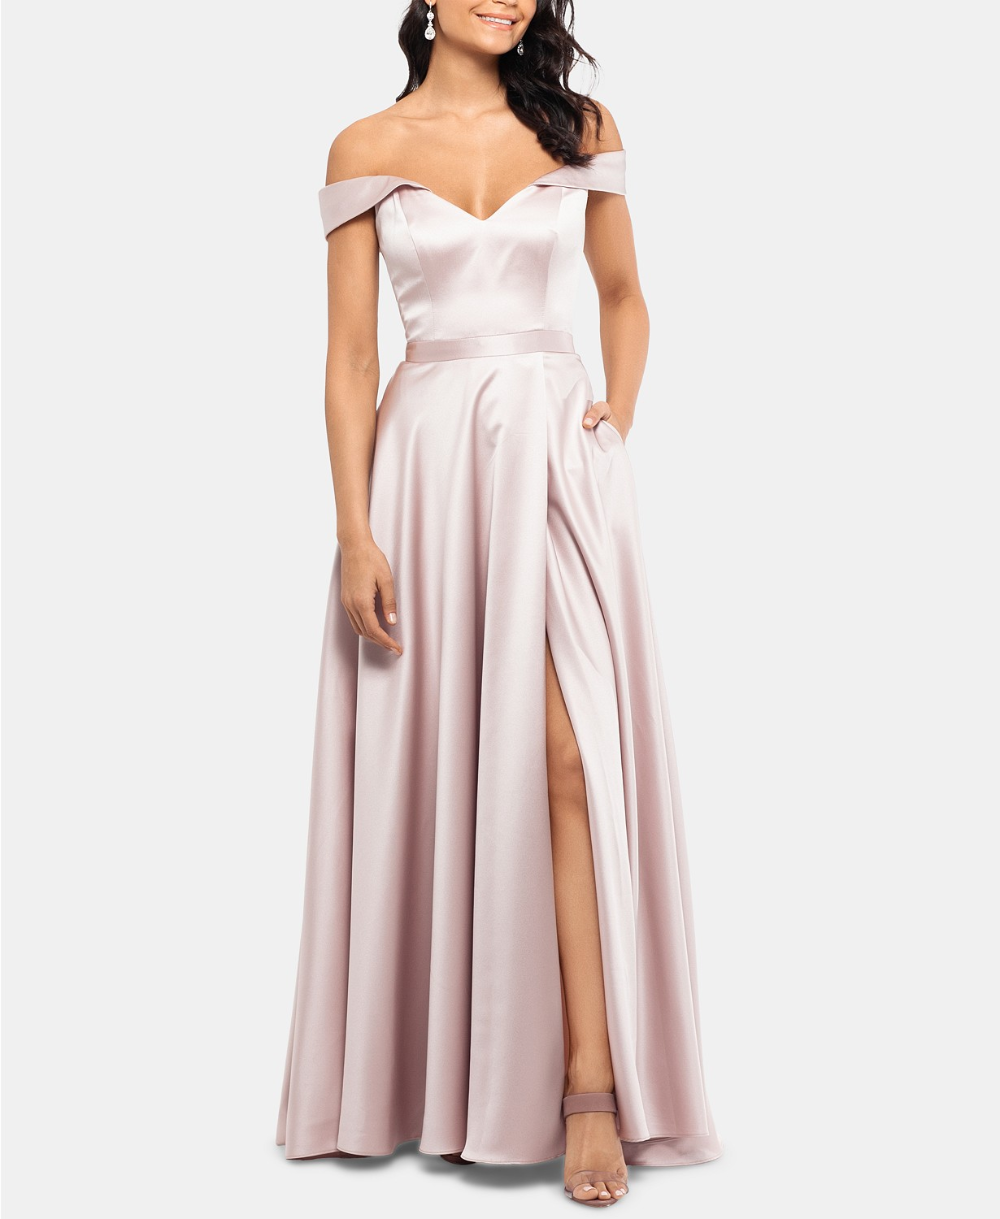 Xscape Off The Shoulder Satin Gown Reviews Dresses Women Macy S Formal Wear Dresses Long Gown Dress Gowns [ 1219 x 1000 Pixel ]